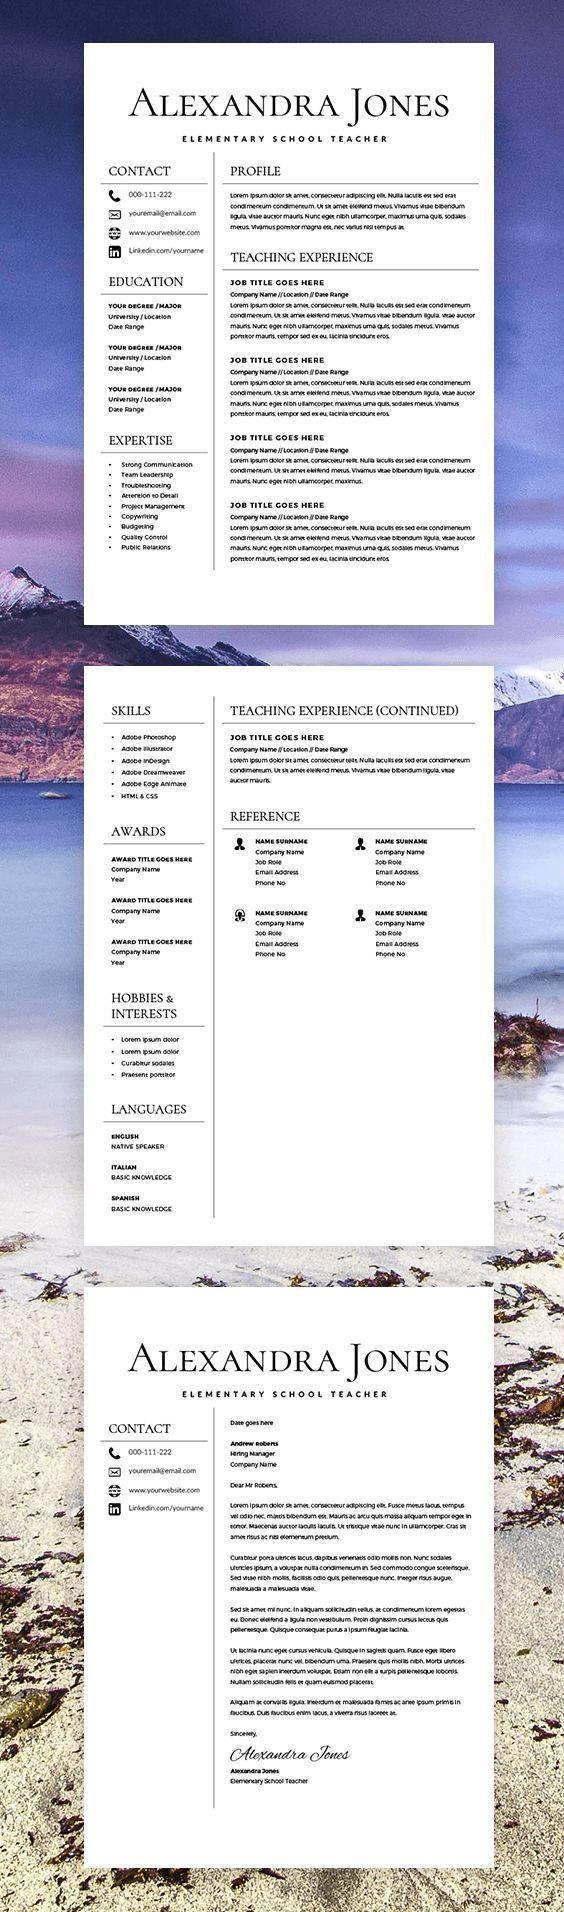 Teacher Resume - Teacher CV - CV Template - Free Cover Letter - MS Word - Educator Resume - Elementary Resume - Resume Teacher - Creative